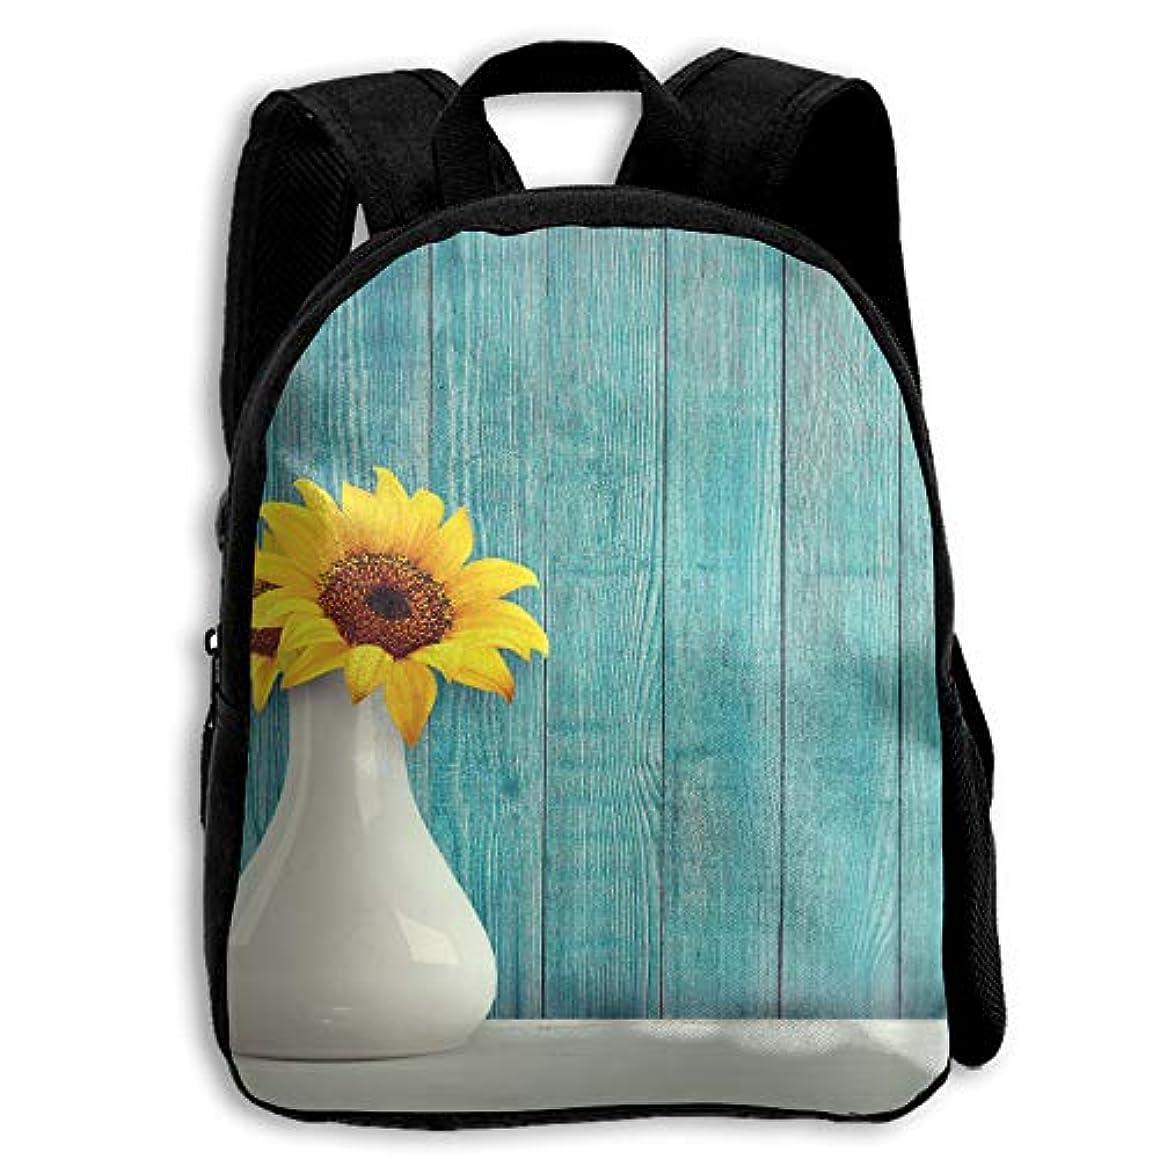 製品センチメートル規制するキッズ リュックサック バックパック キッズバッグ 子供用のバッグ キッズリュック 学生 ヒマワリ 飾り 美しい 植物 花柄 アウトドア 通学 ハイキング 遠足